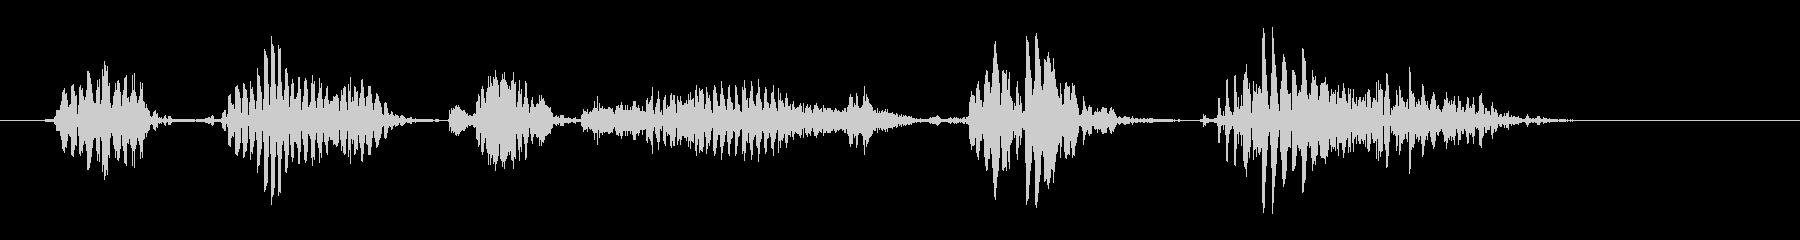 エイリアンの声:輸送ポッドへの報告の未再生の波形